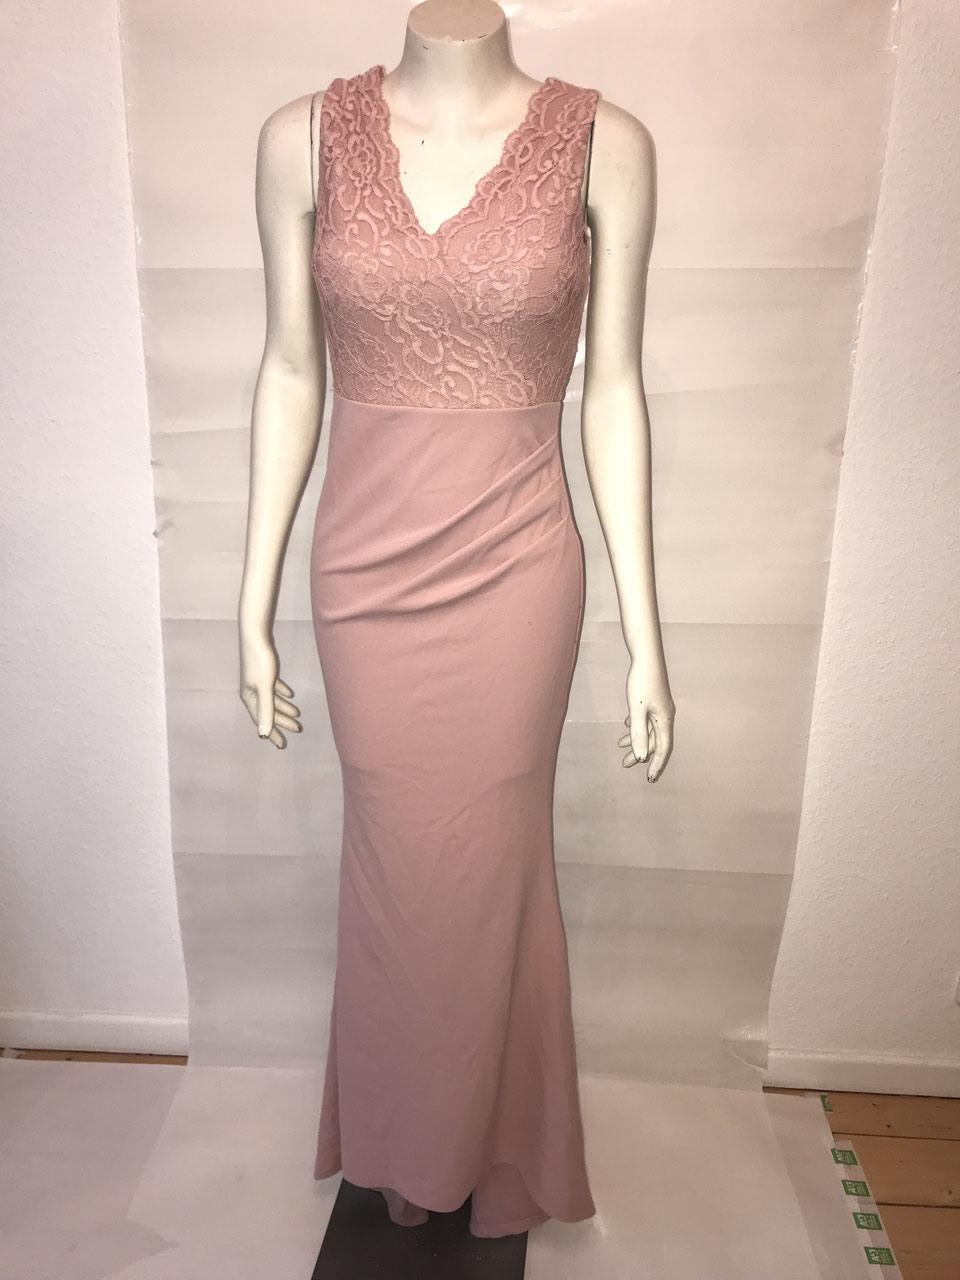 Abend Genial Abendkleider B-Ware StylishDesigner Schön Abendkleider B-Ware Boutique